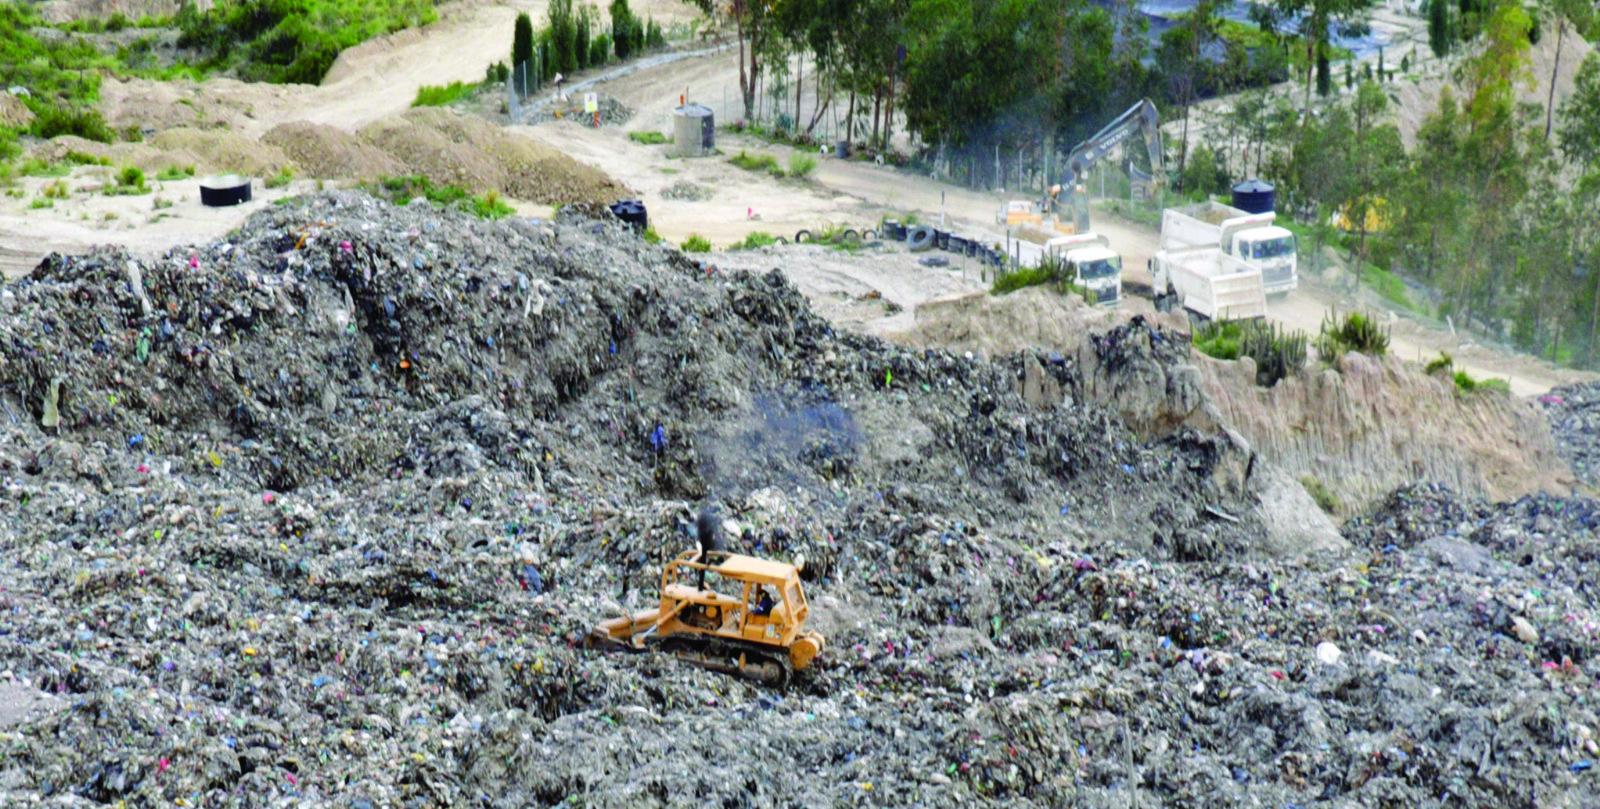 Alcaldía continúa esperando una licencia ambiental para el funcionamiento del nuevo relleno sanitario en Saka Churu